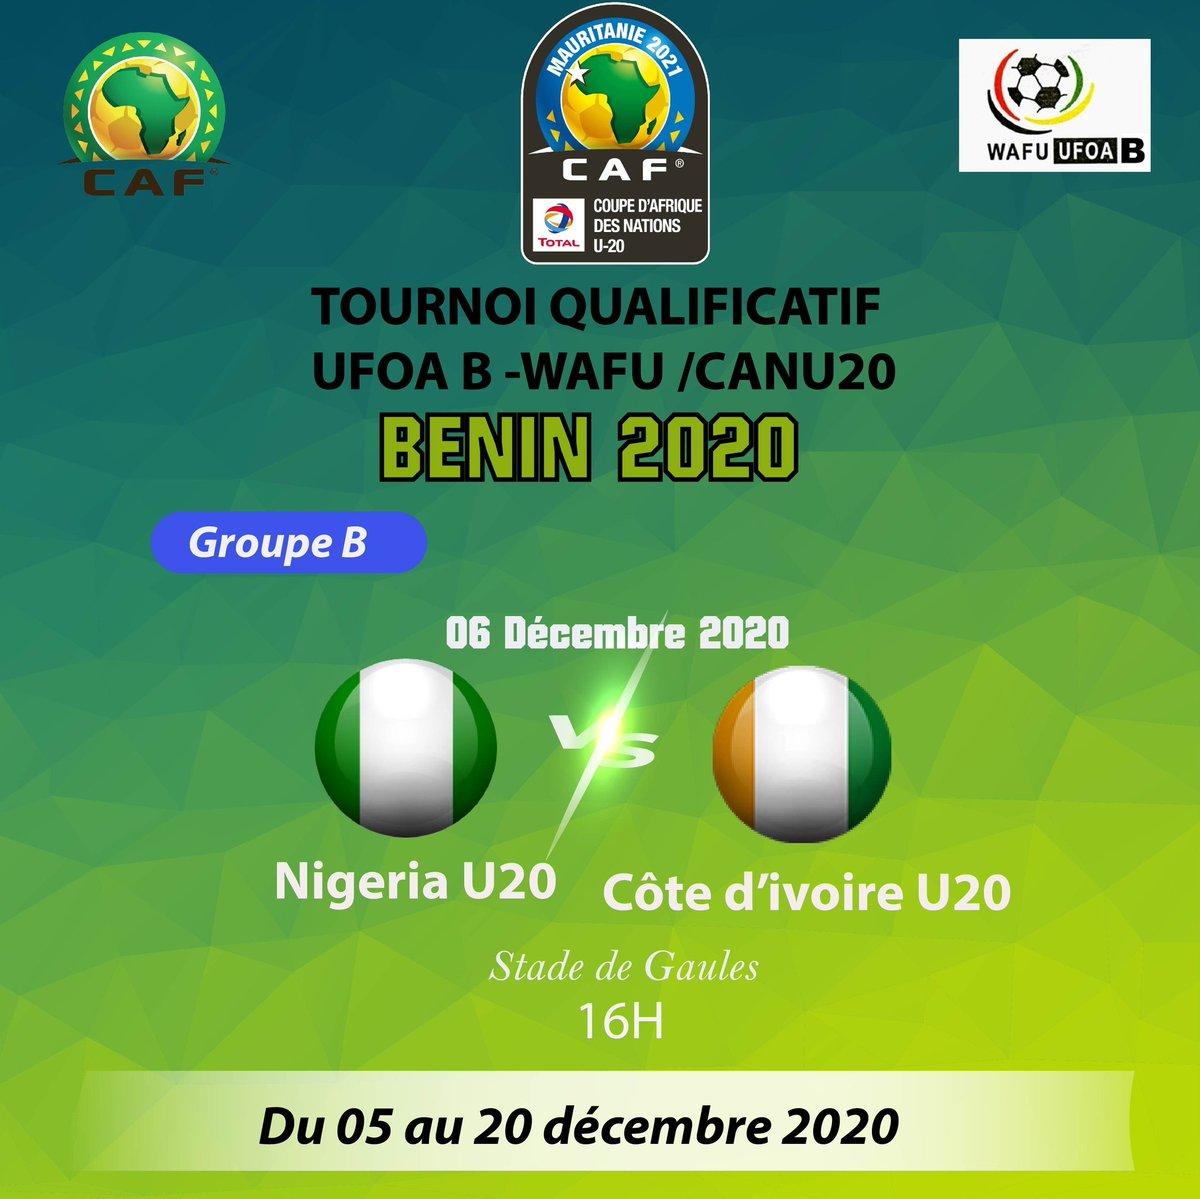 #U20 - Tournoi Ufoa-B de qualification de la Can Mauritanie 2021 - Benin 2020 Groupe B #Nigeria - #Civ  Ce dimanche 06 Décembre 2020 au stade Charles De Gaules de Porto Novo à 16h (15h gmt)